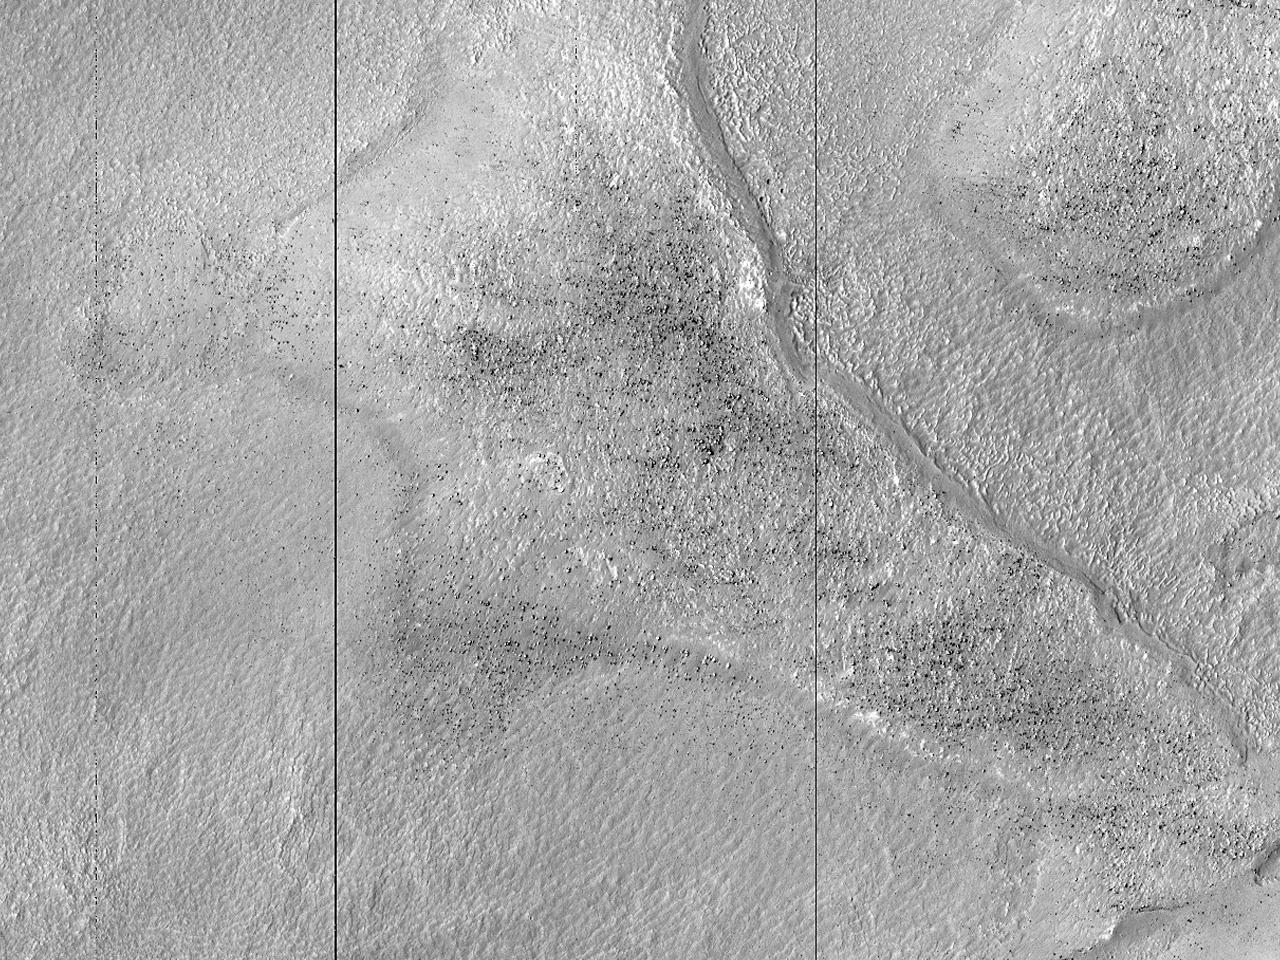 Lagvis materiale i et krater øst for Douglass-krateret